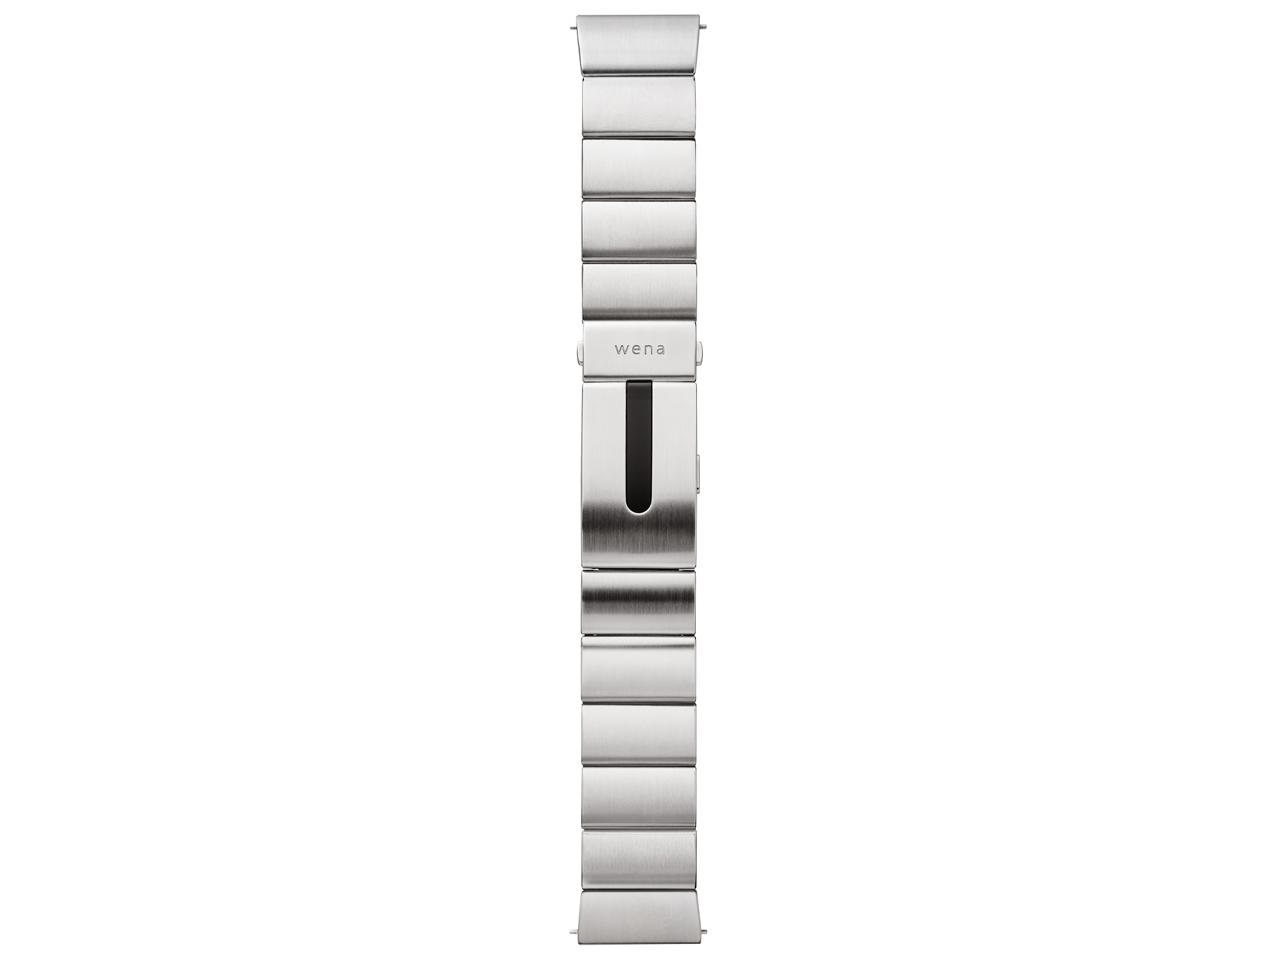 『本体』 wena wrist pro WB-11A/S [シルバー] の製品画像